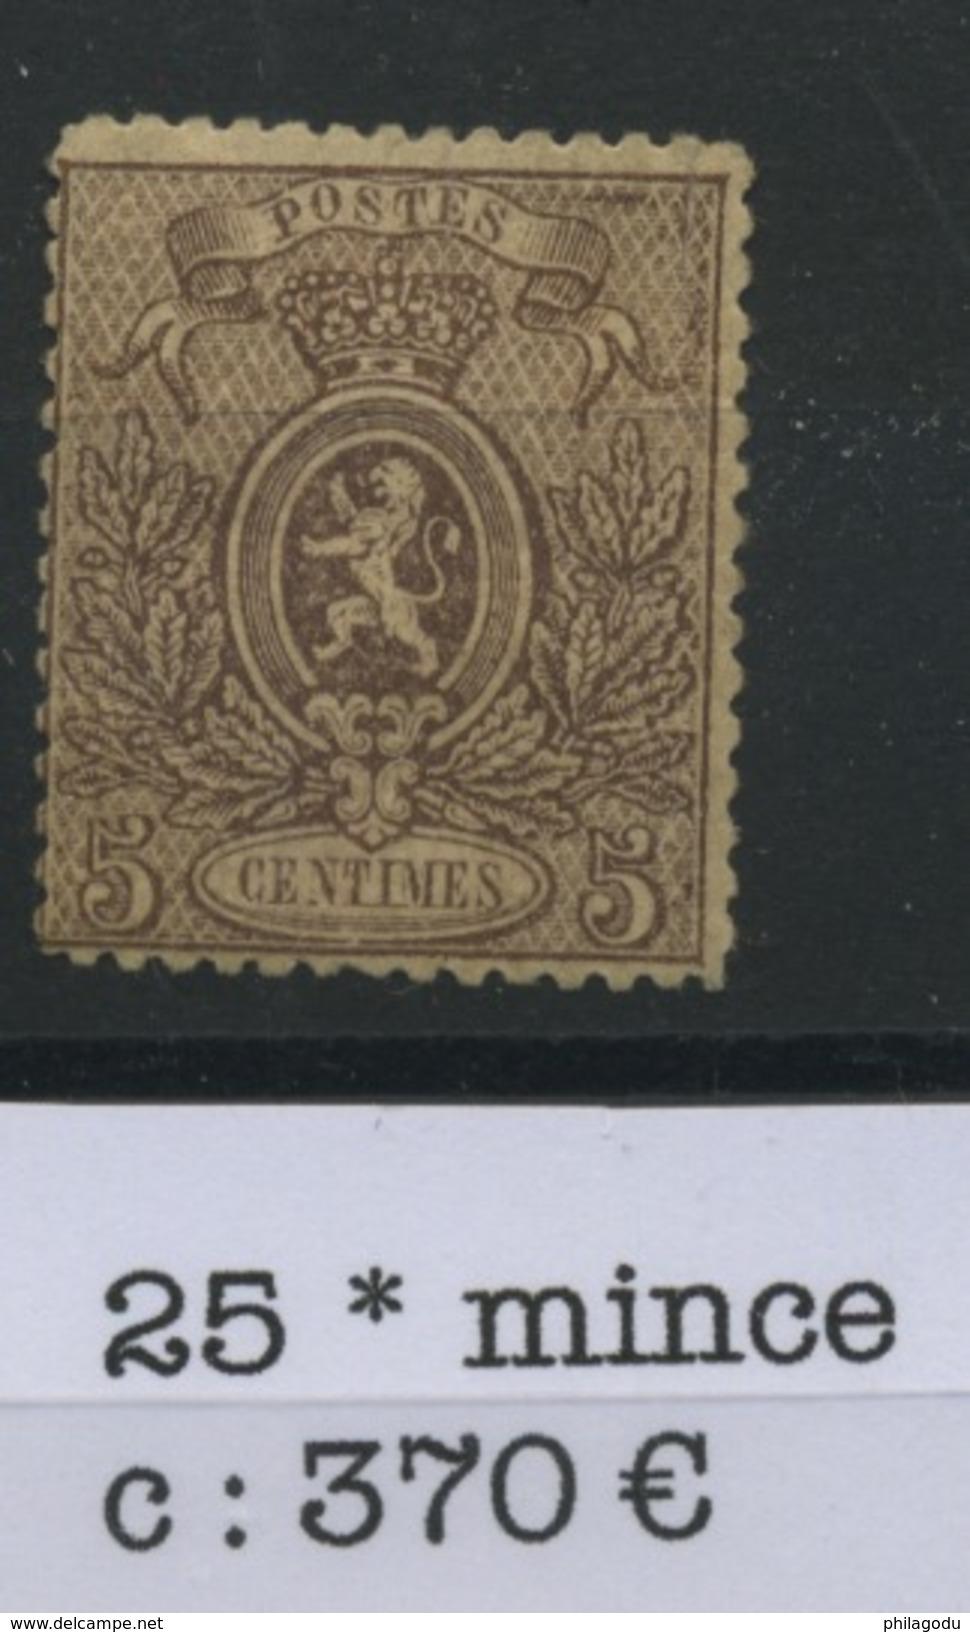 25 * Belgique 5c Brun  Gomme D'origine Propre Charnière Mais Aminci, Coté 370 € - 1866-1867 Blasón